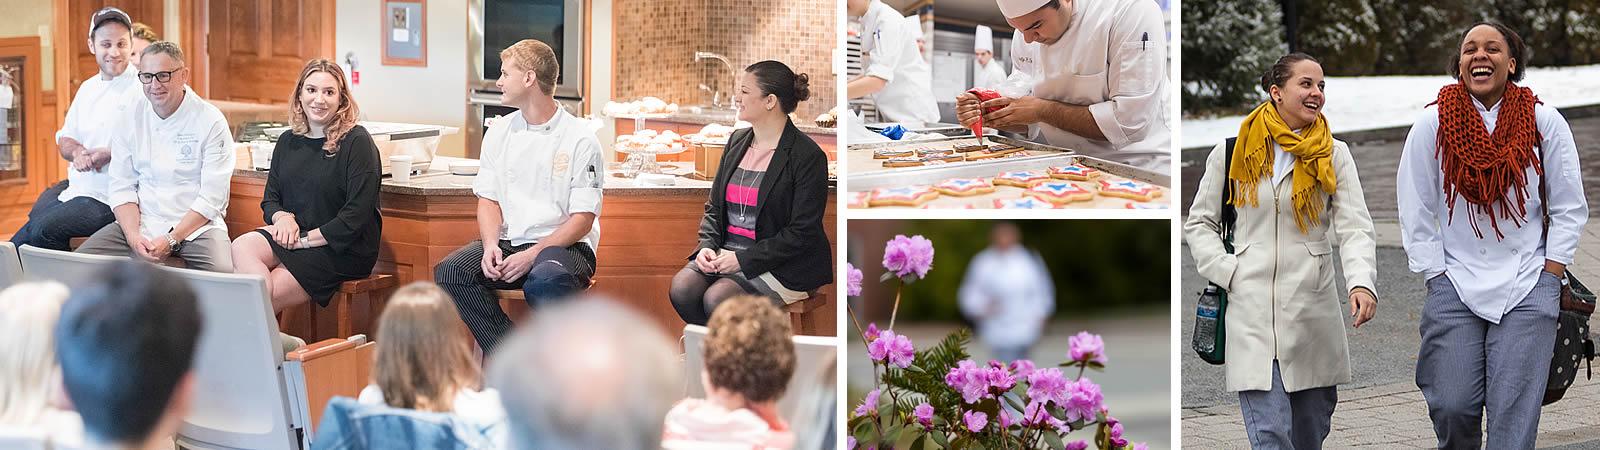 CIA New York Campus | Culinary Institute of America